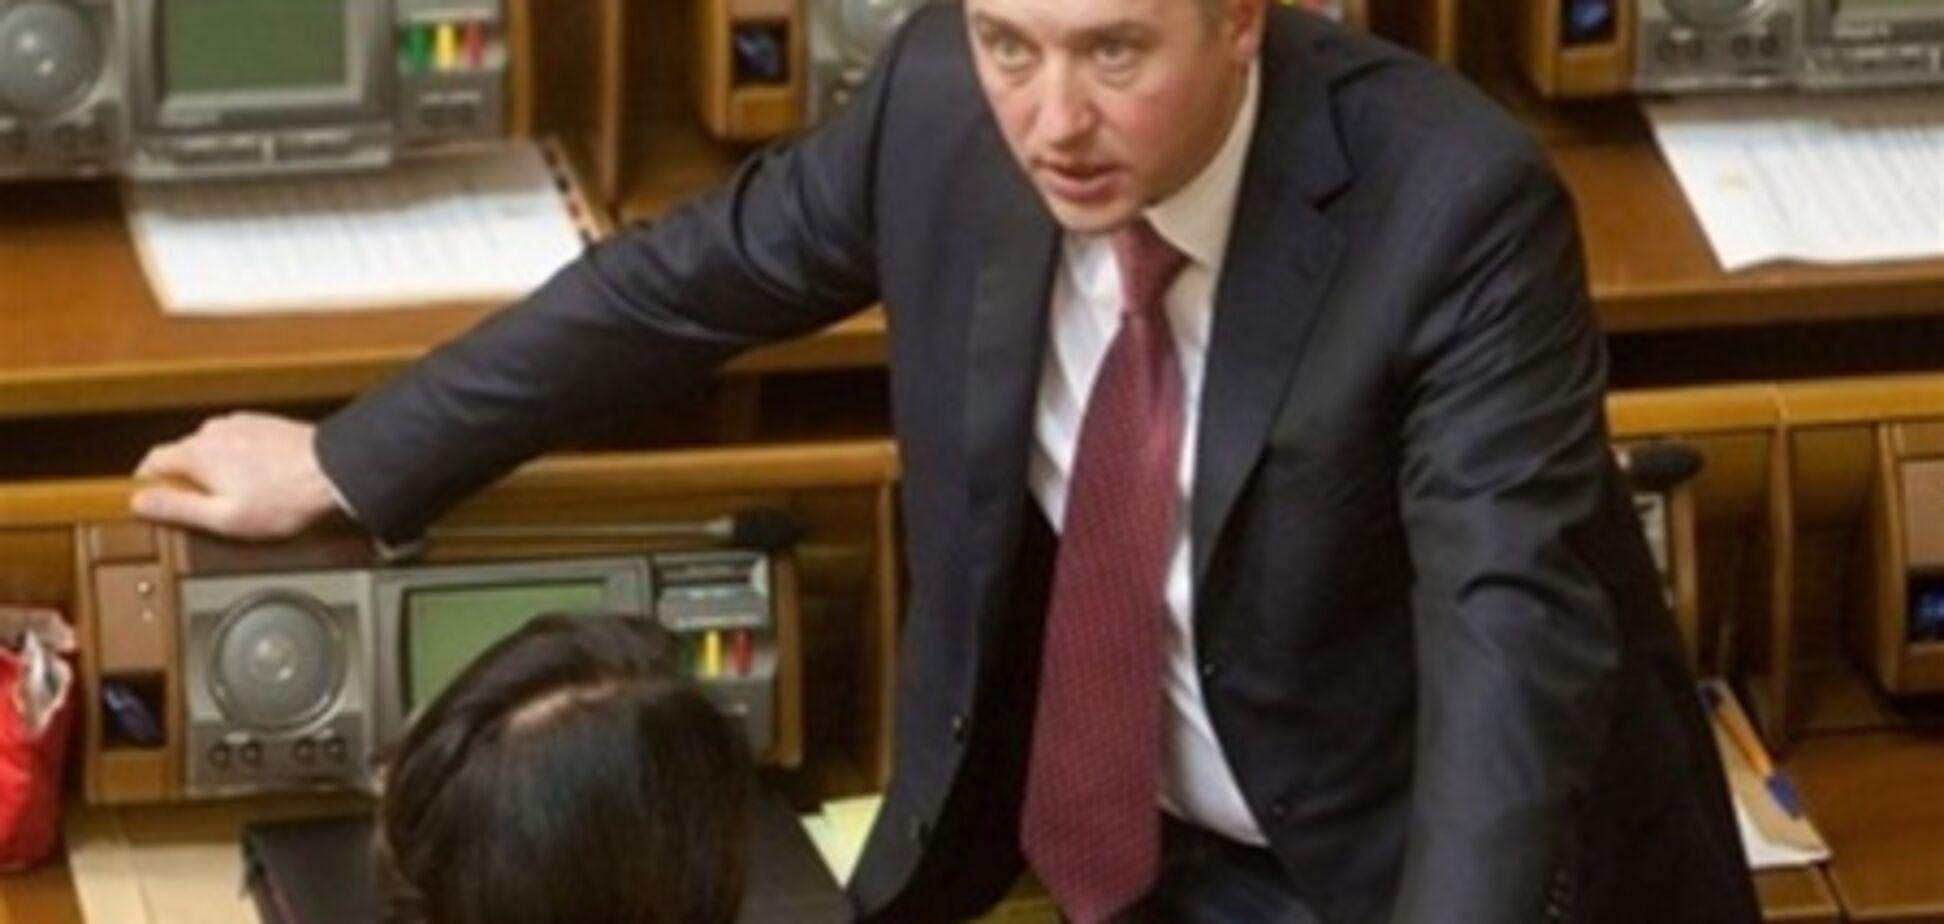 Калетник: з 'Батьківщини' вийдуть ще кілька депутатів